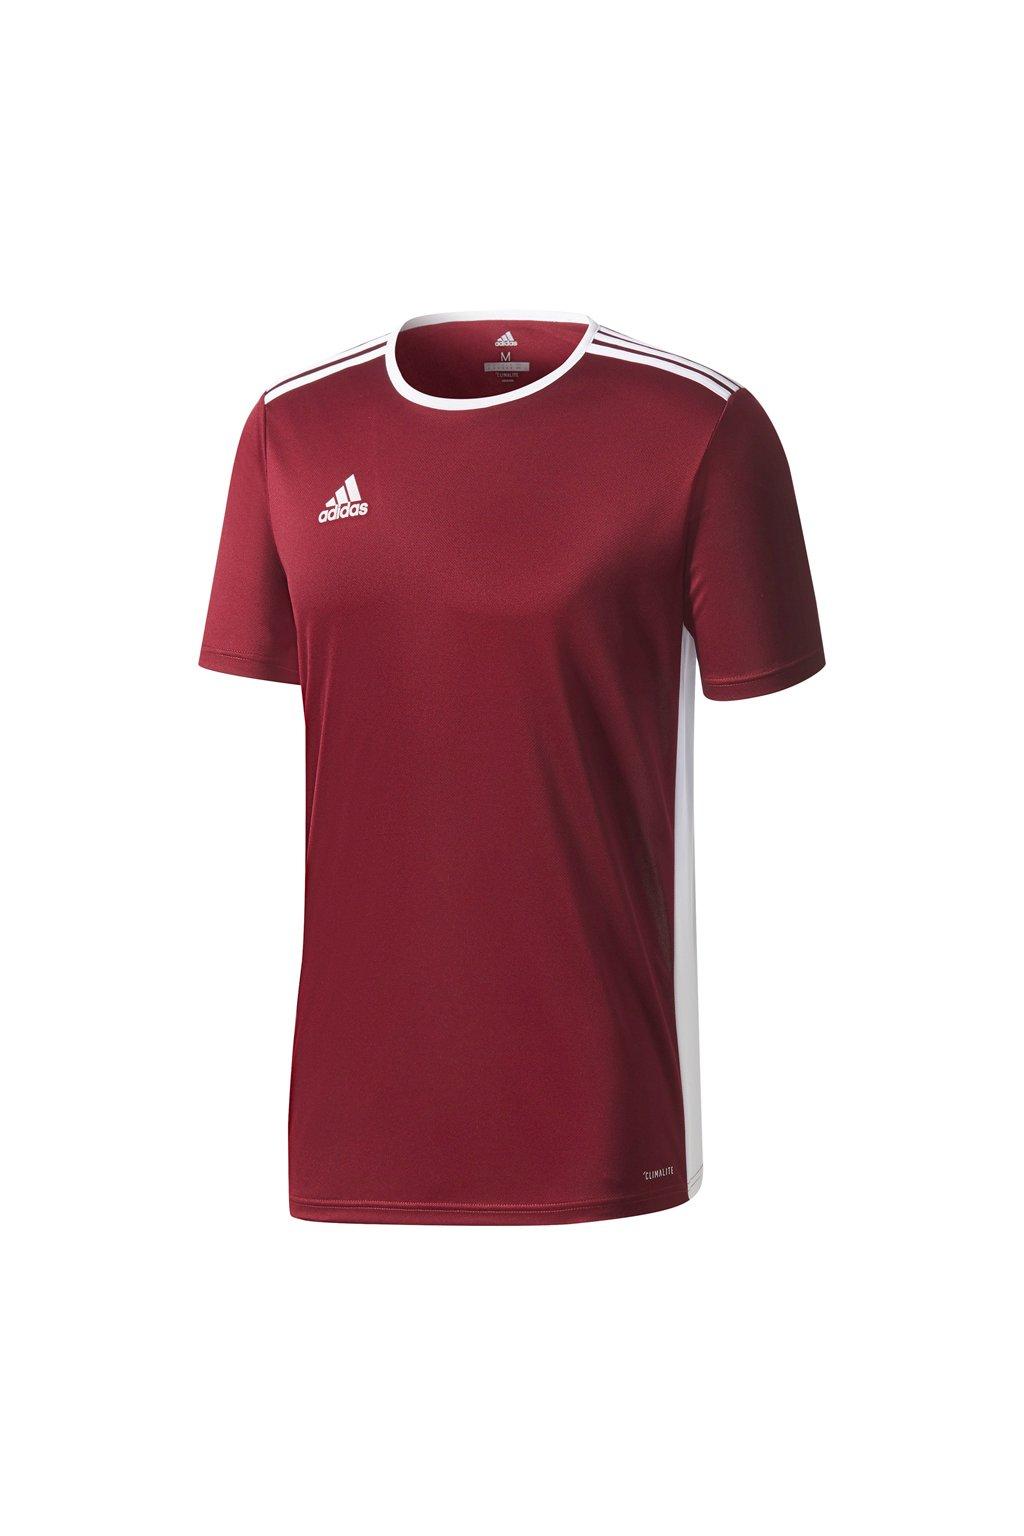 Adidas Entrada 18 Jersey pánske tričko bordové CD8430